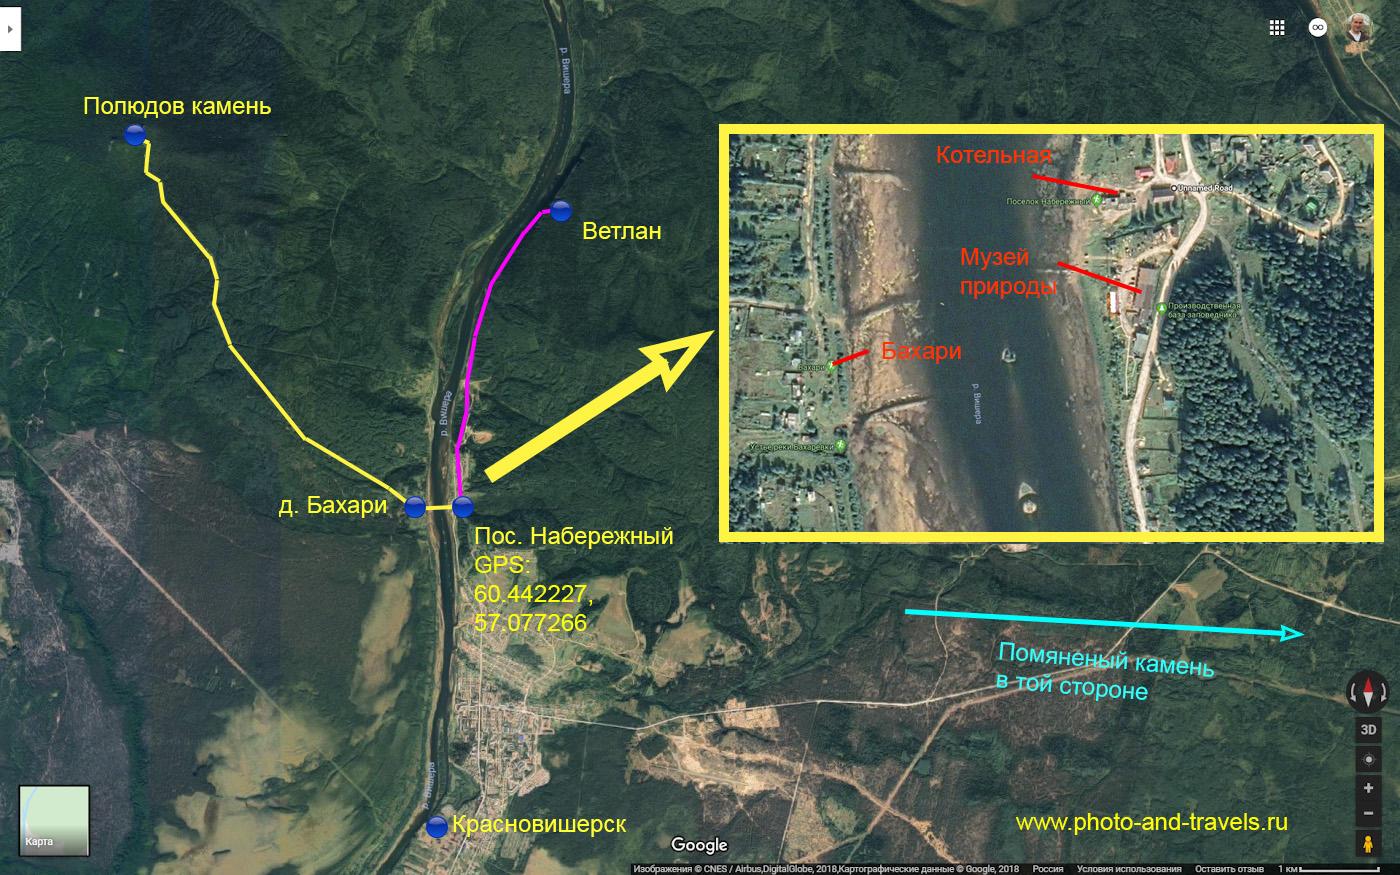 Карта со схемой, показывающей как добраться из Красновишерска в поселок Набережный, из него - в деревню Бахари и далее на Полюд. Если проехать прямо вдоль реки Вишера, попадем на камень Ветлан.